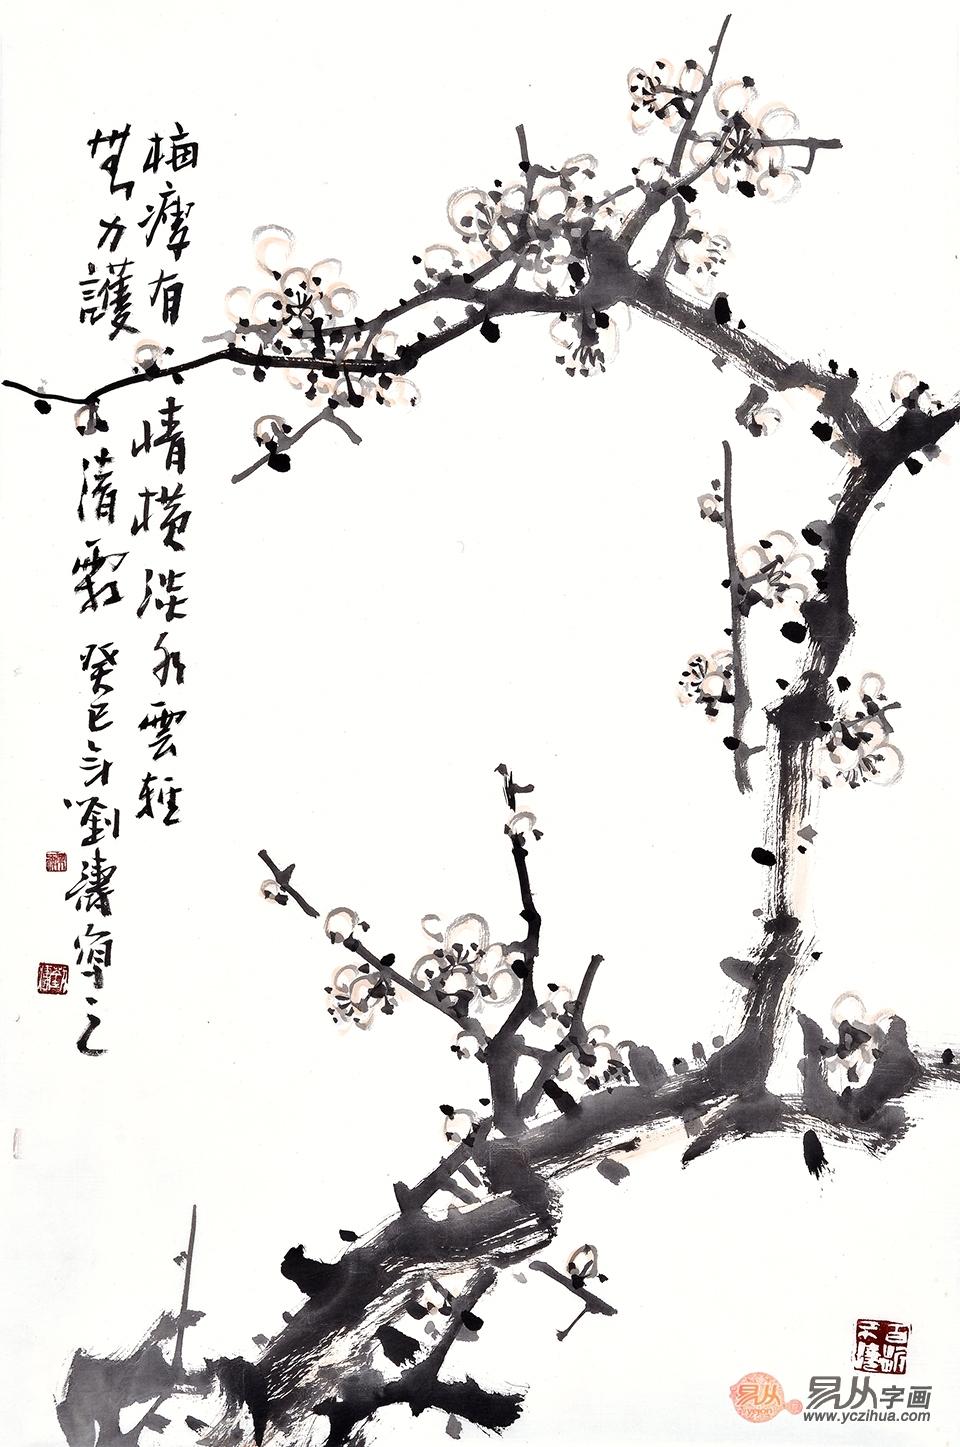 中国画写意梅花图片,请欣赏刘海军水墨梅花图